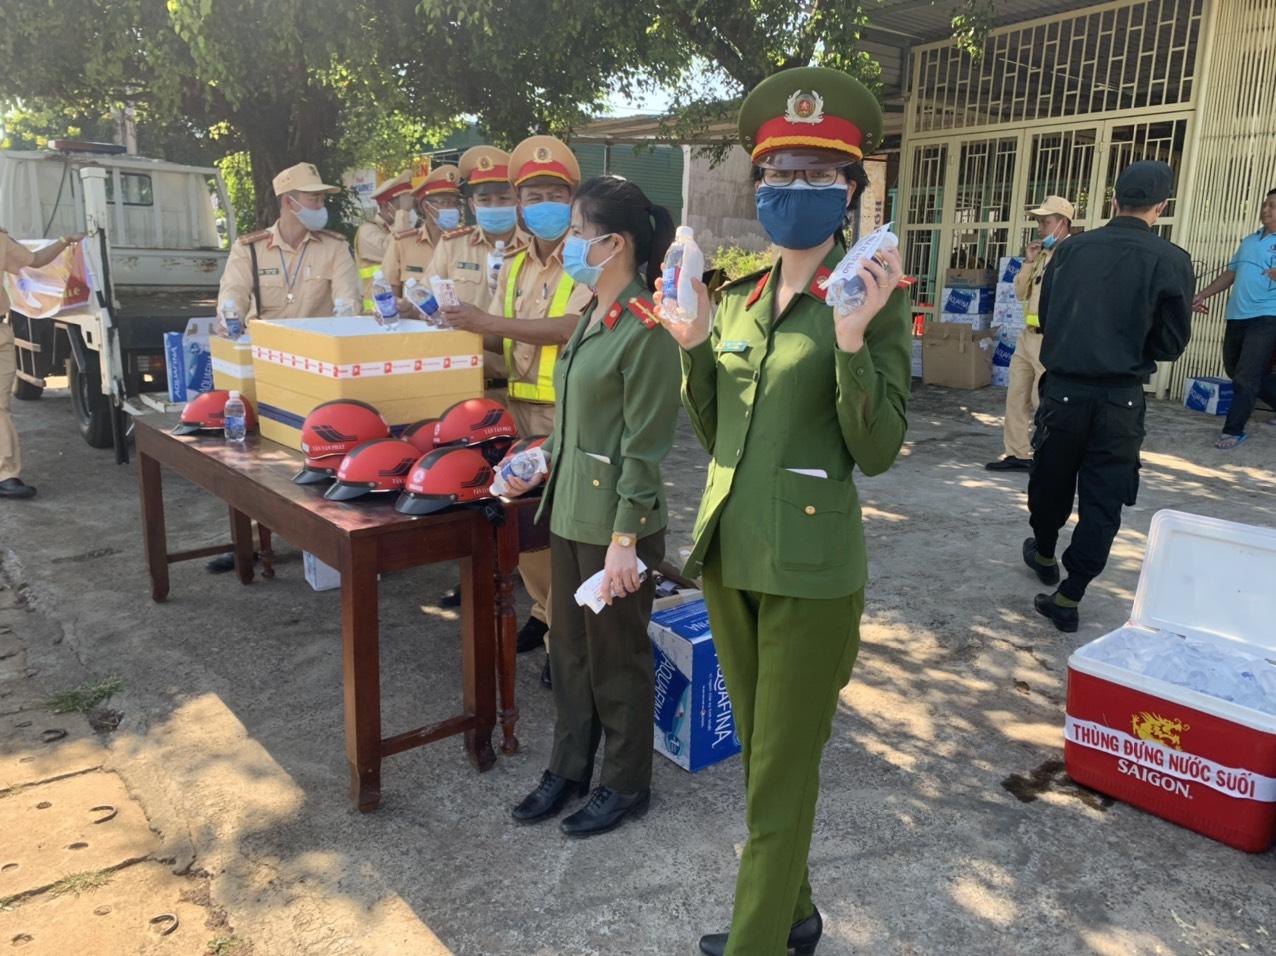 Đắk Nông: Cảnh sát giao thông phát nước, mũ bảo hiểm miễn phí cho người dân